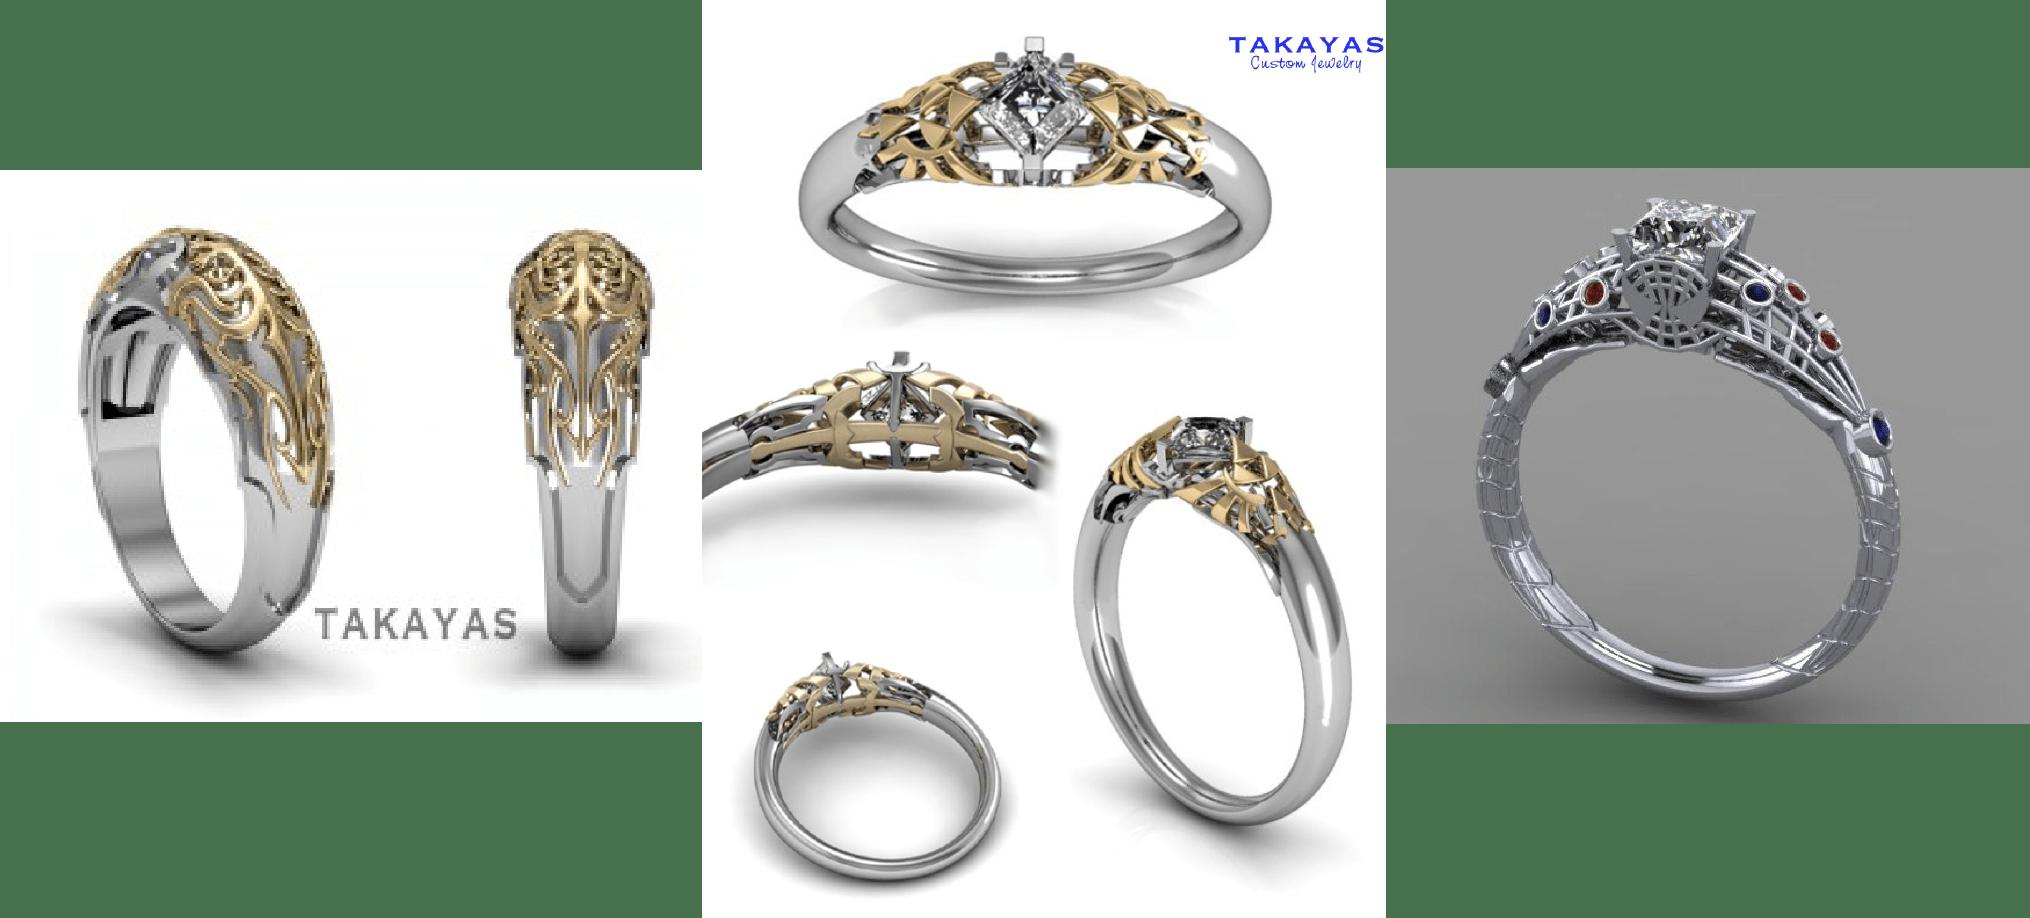 final fantasy wedding rings spiderman wedding ring Final fantasy wedding rings